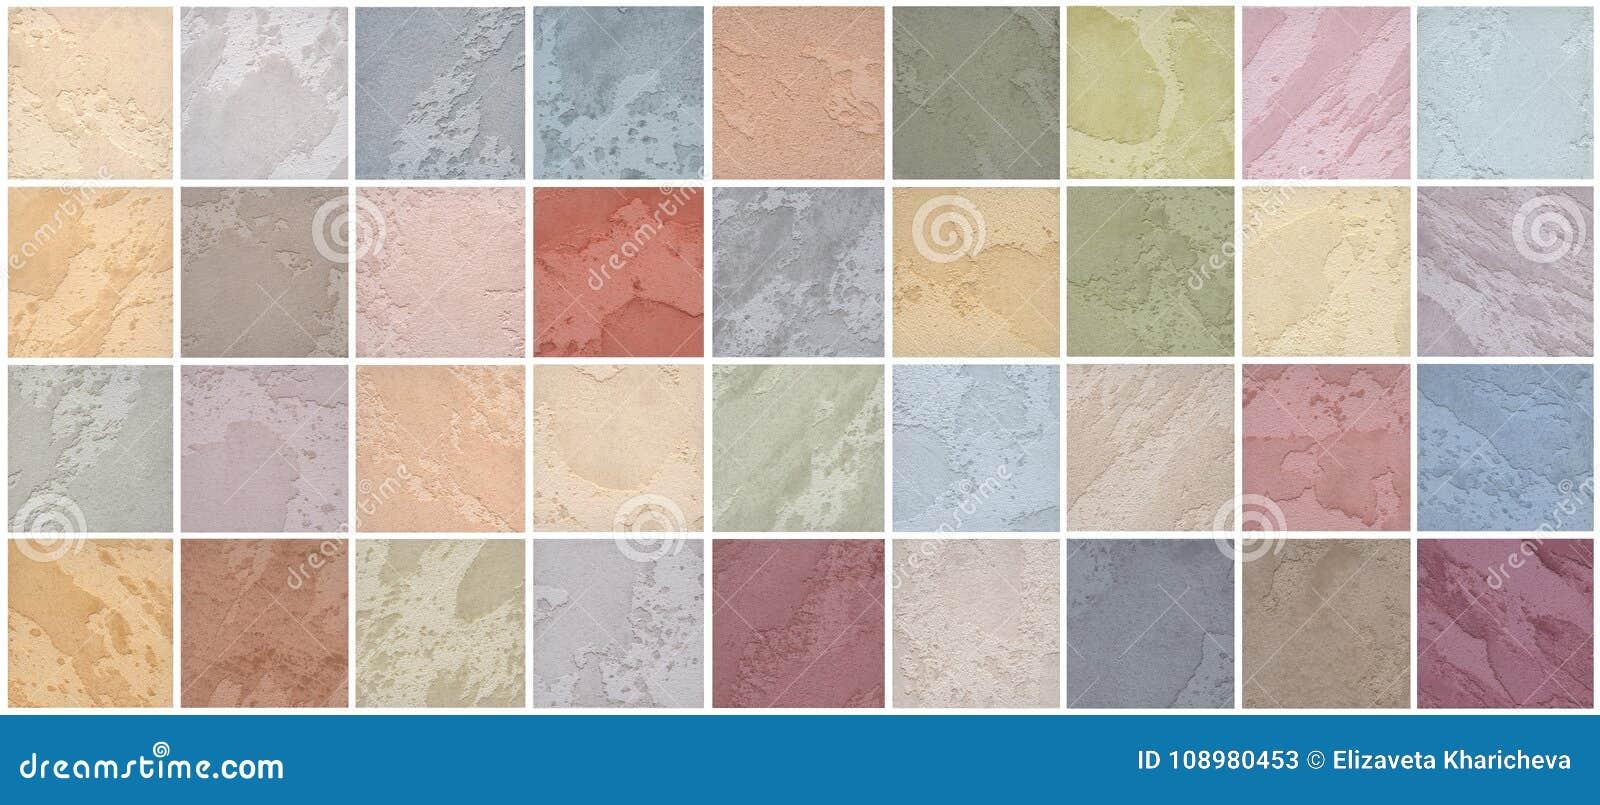 Μια παλέτα των συστάσεων του χρωματισμένου τραβερτίνη είναι μια διακοσμητική κάλυψη για τους τοίχους